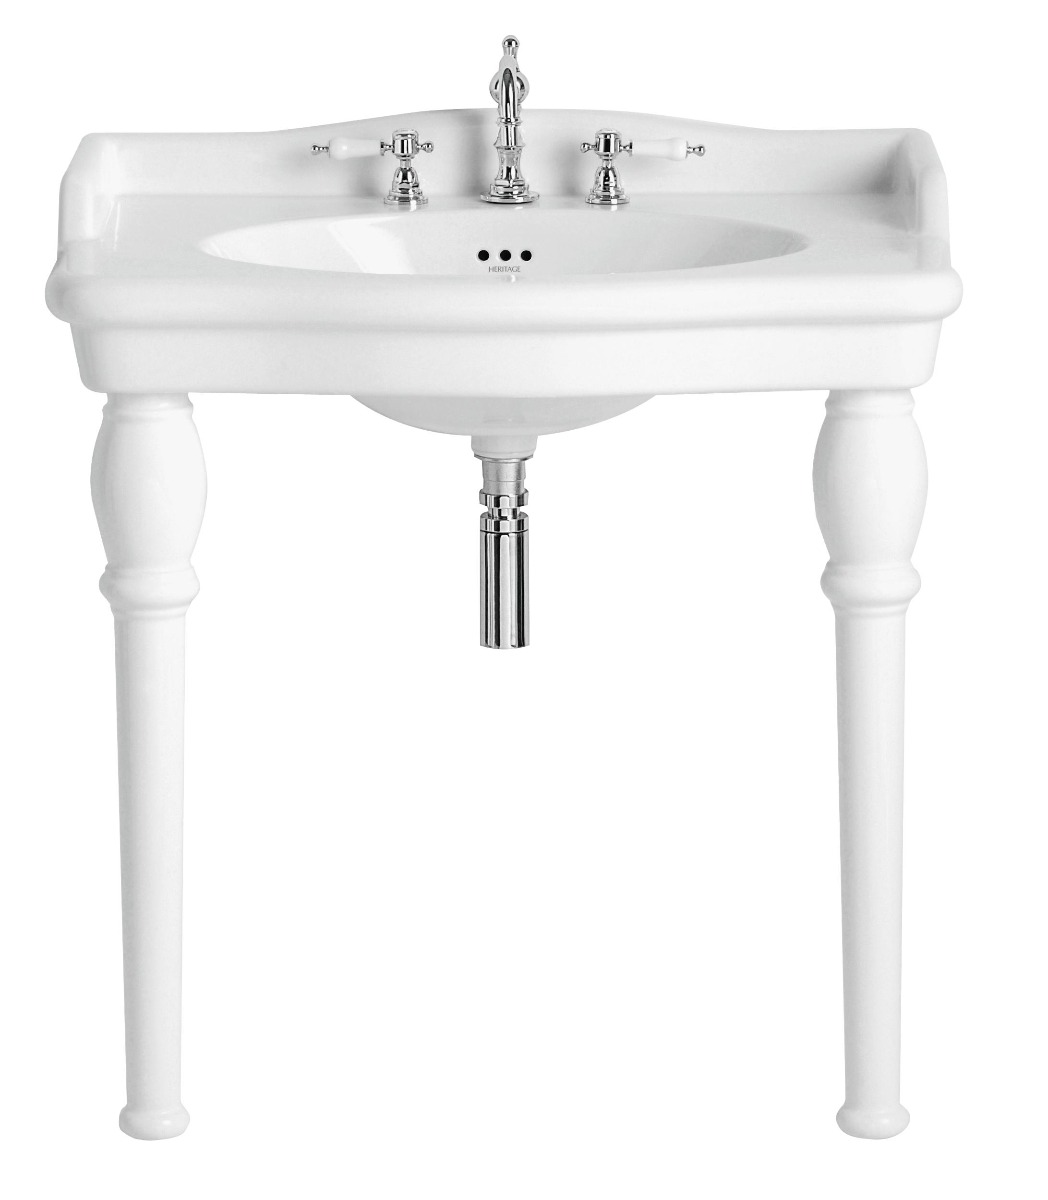 https://www.ukbathroomstore.co.uk/media/catalog/product/p/v/pvew463.jpg